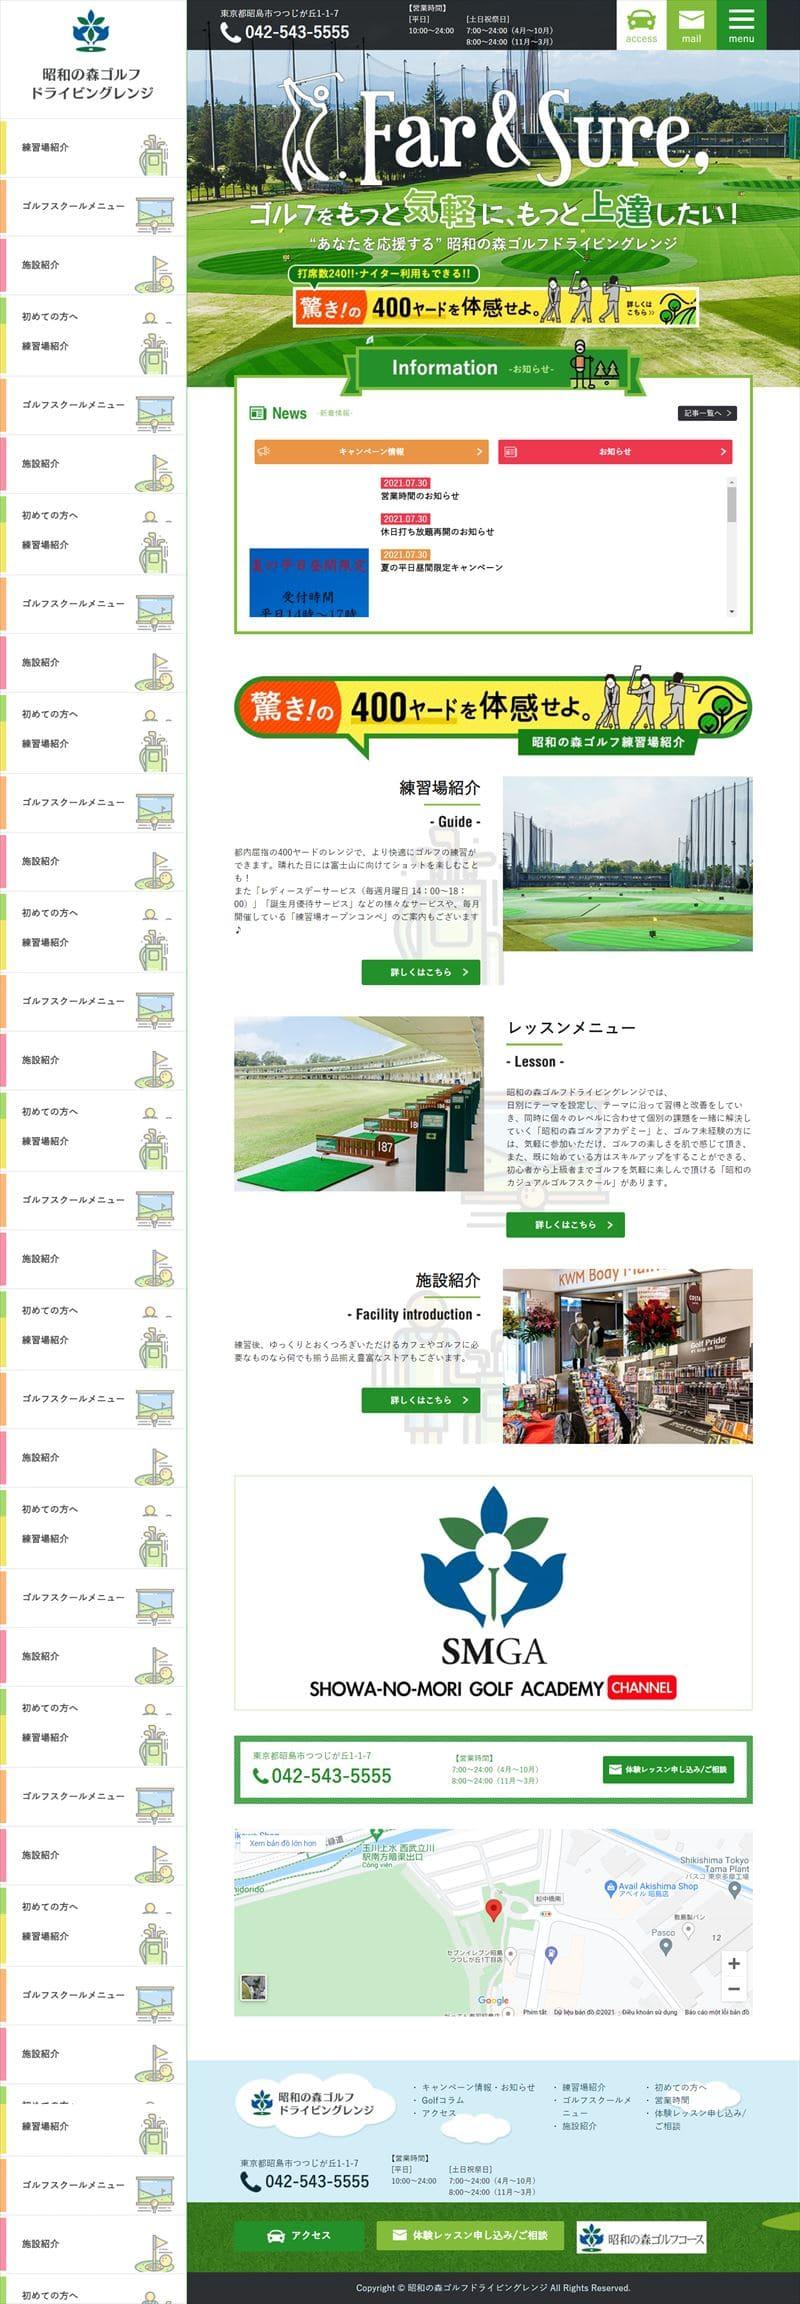 昭和の森ゴルフドライビングレンジ